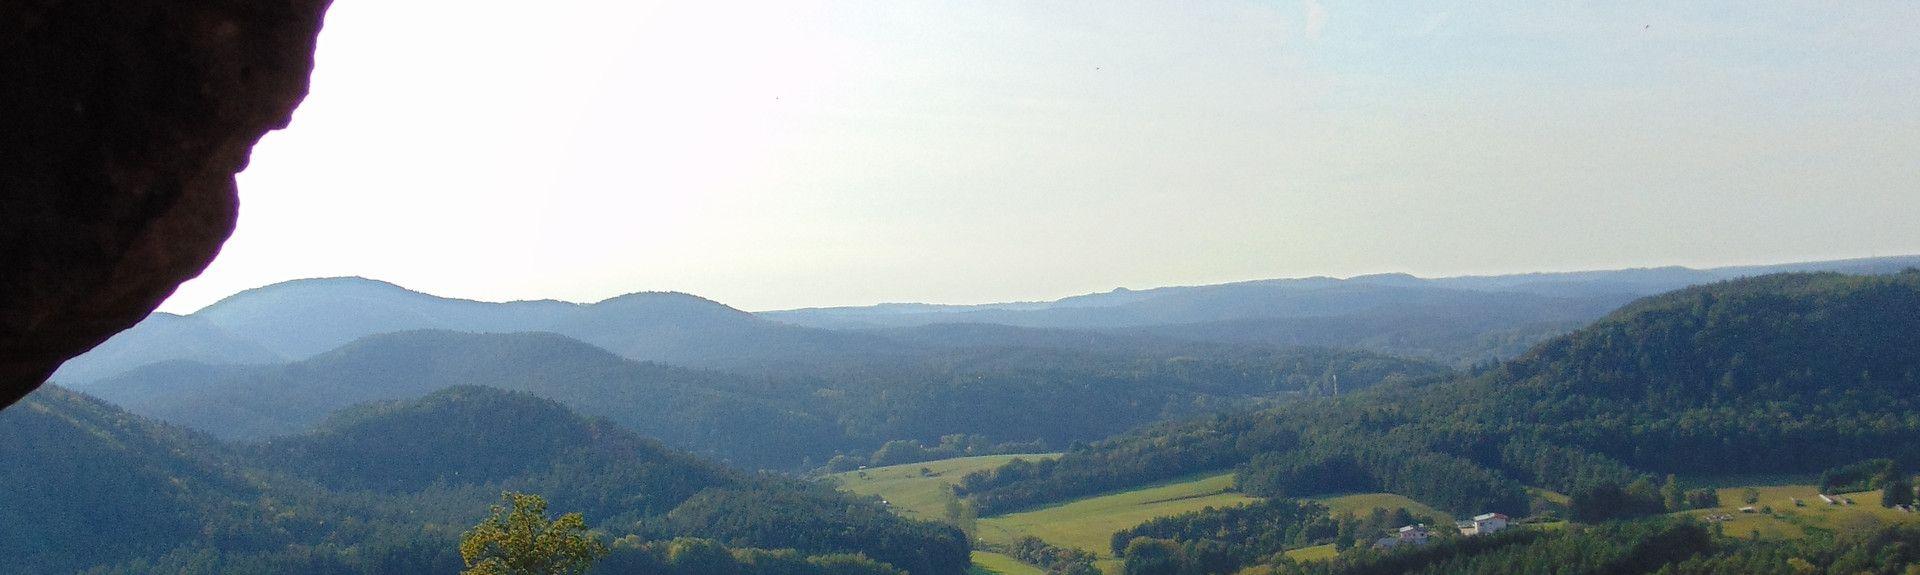 Fischbach bei Dahn, Palatinat du Rhin, Allemagne